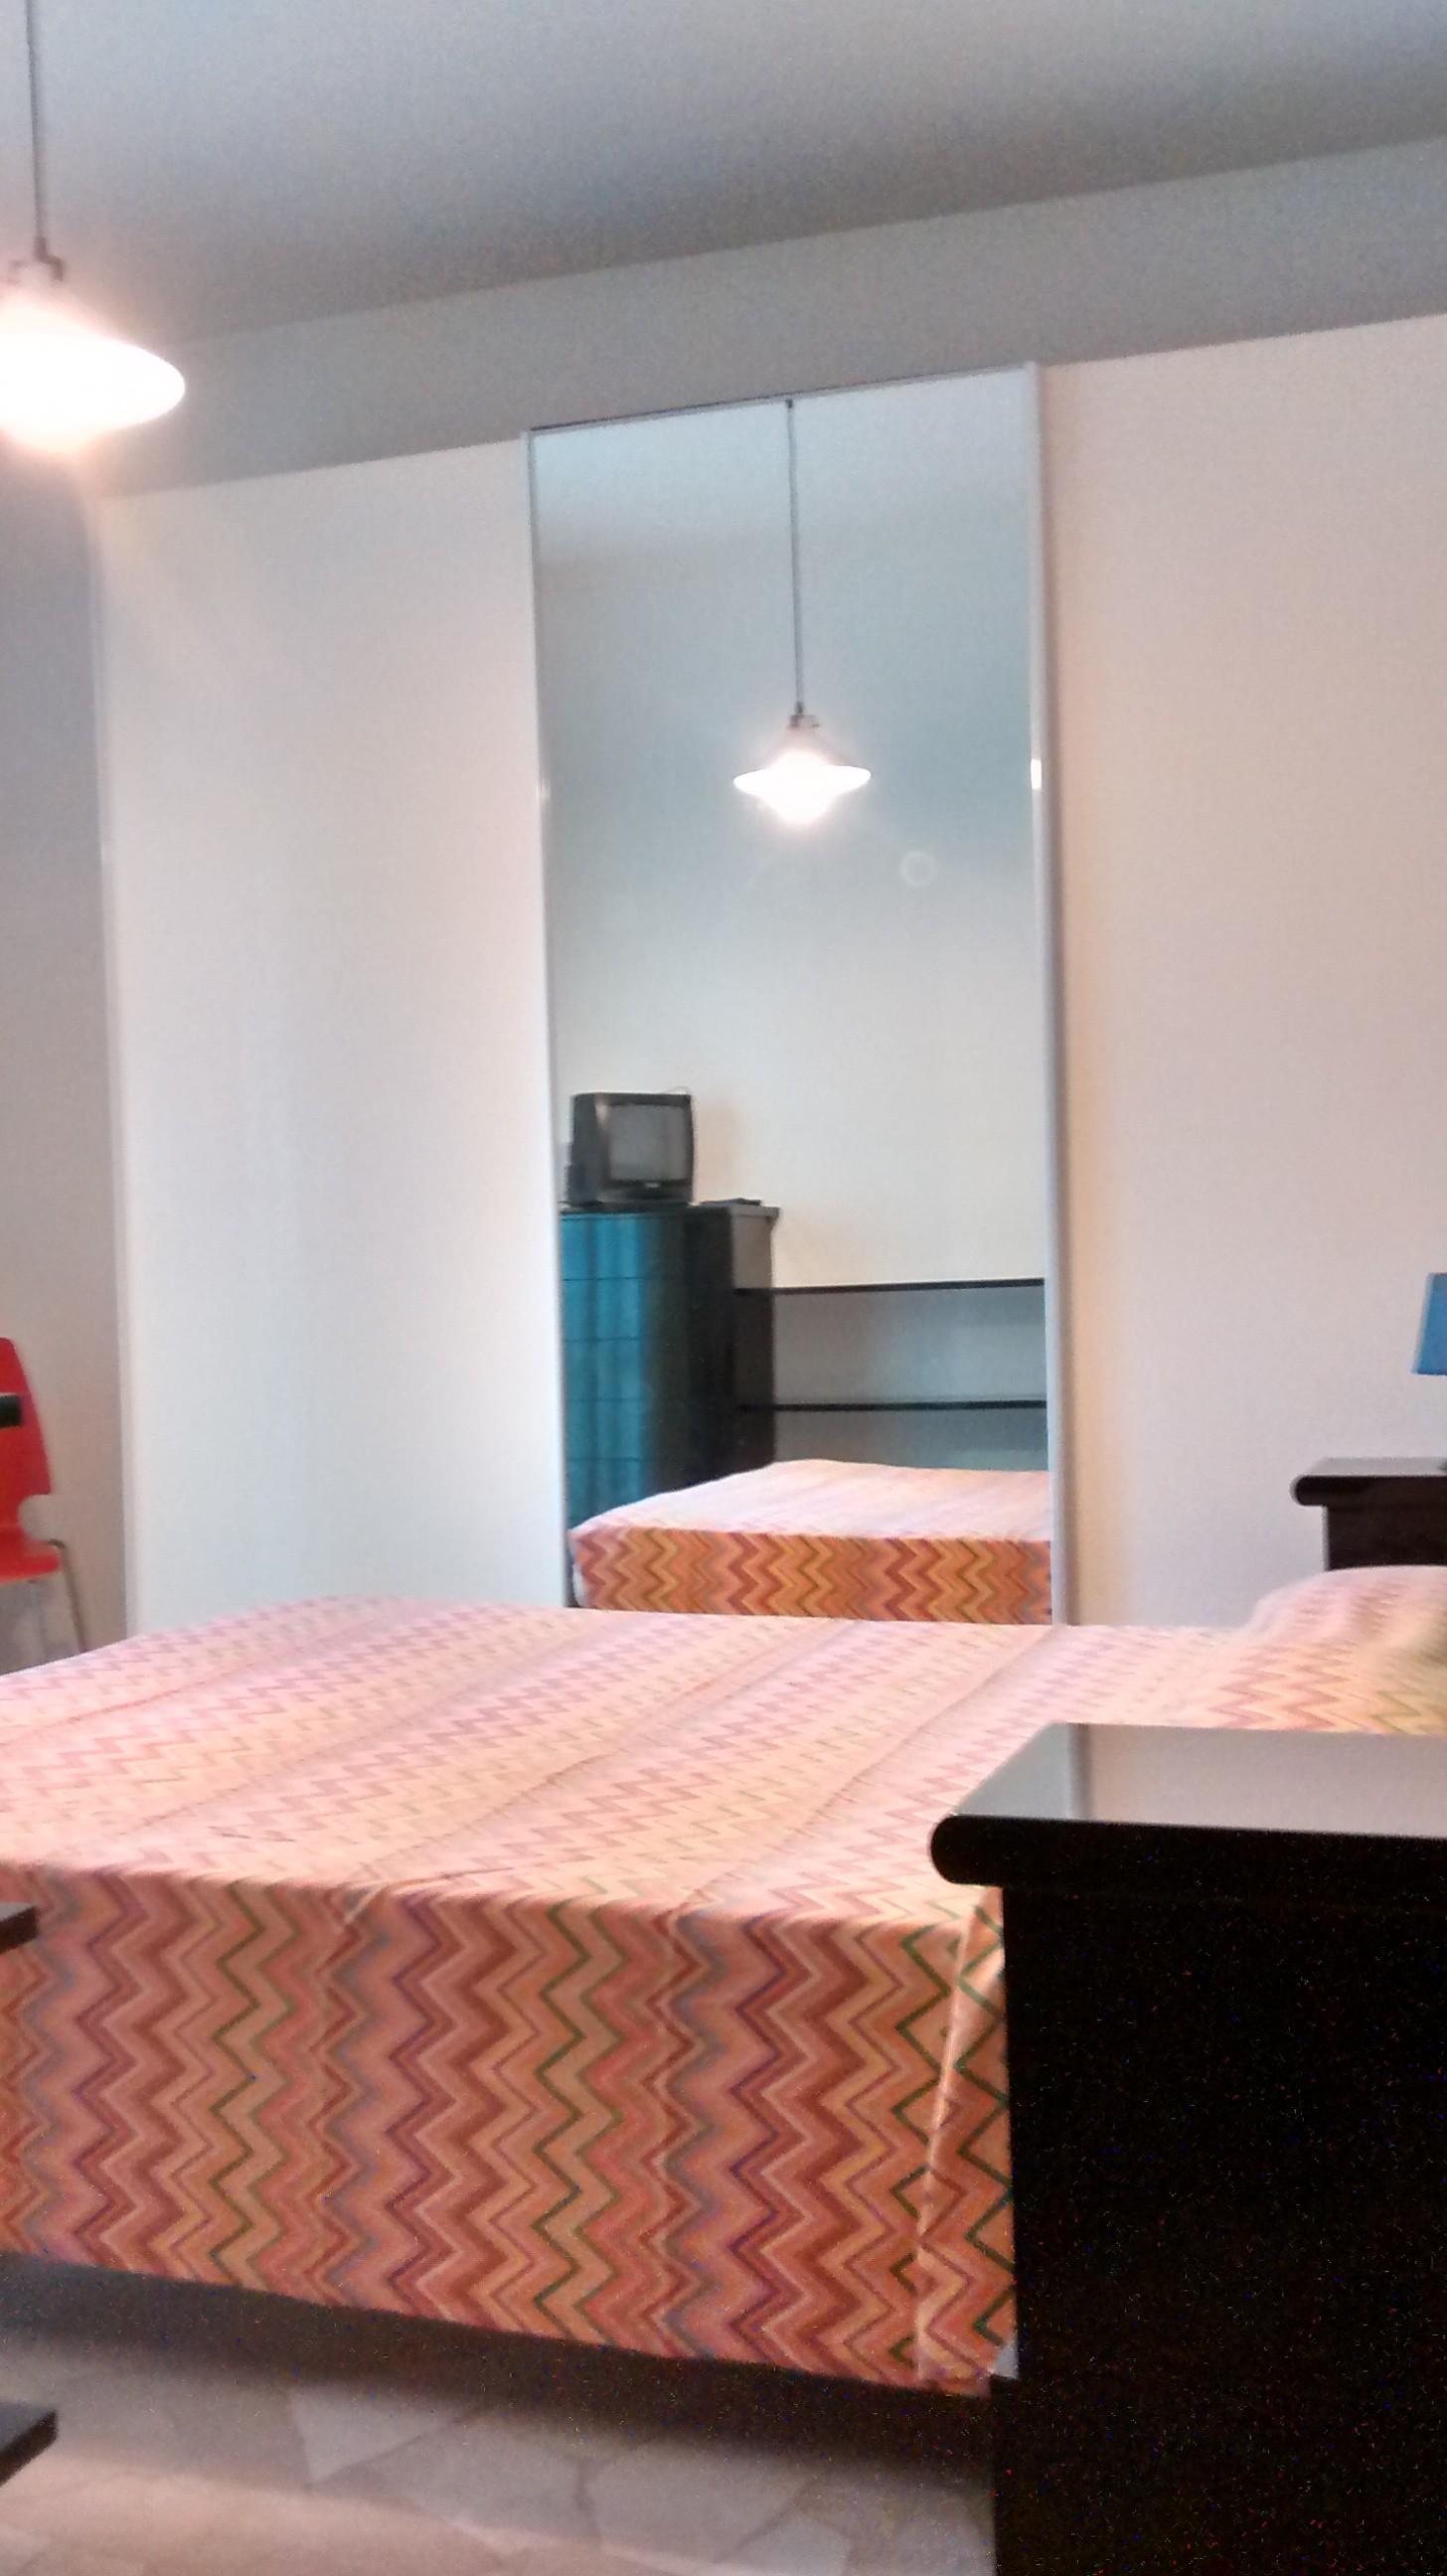 rimini-grande-appartamento-arredato-tutto-per-studenti-d9849c226d6f565ca7311e8a4cd9b64a